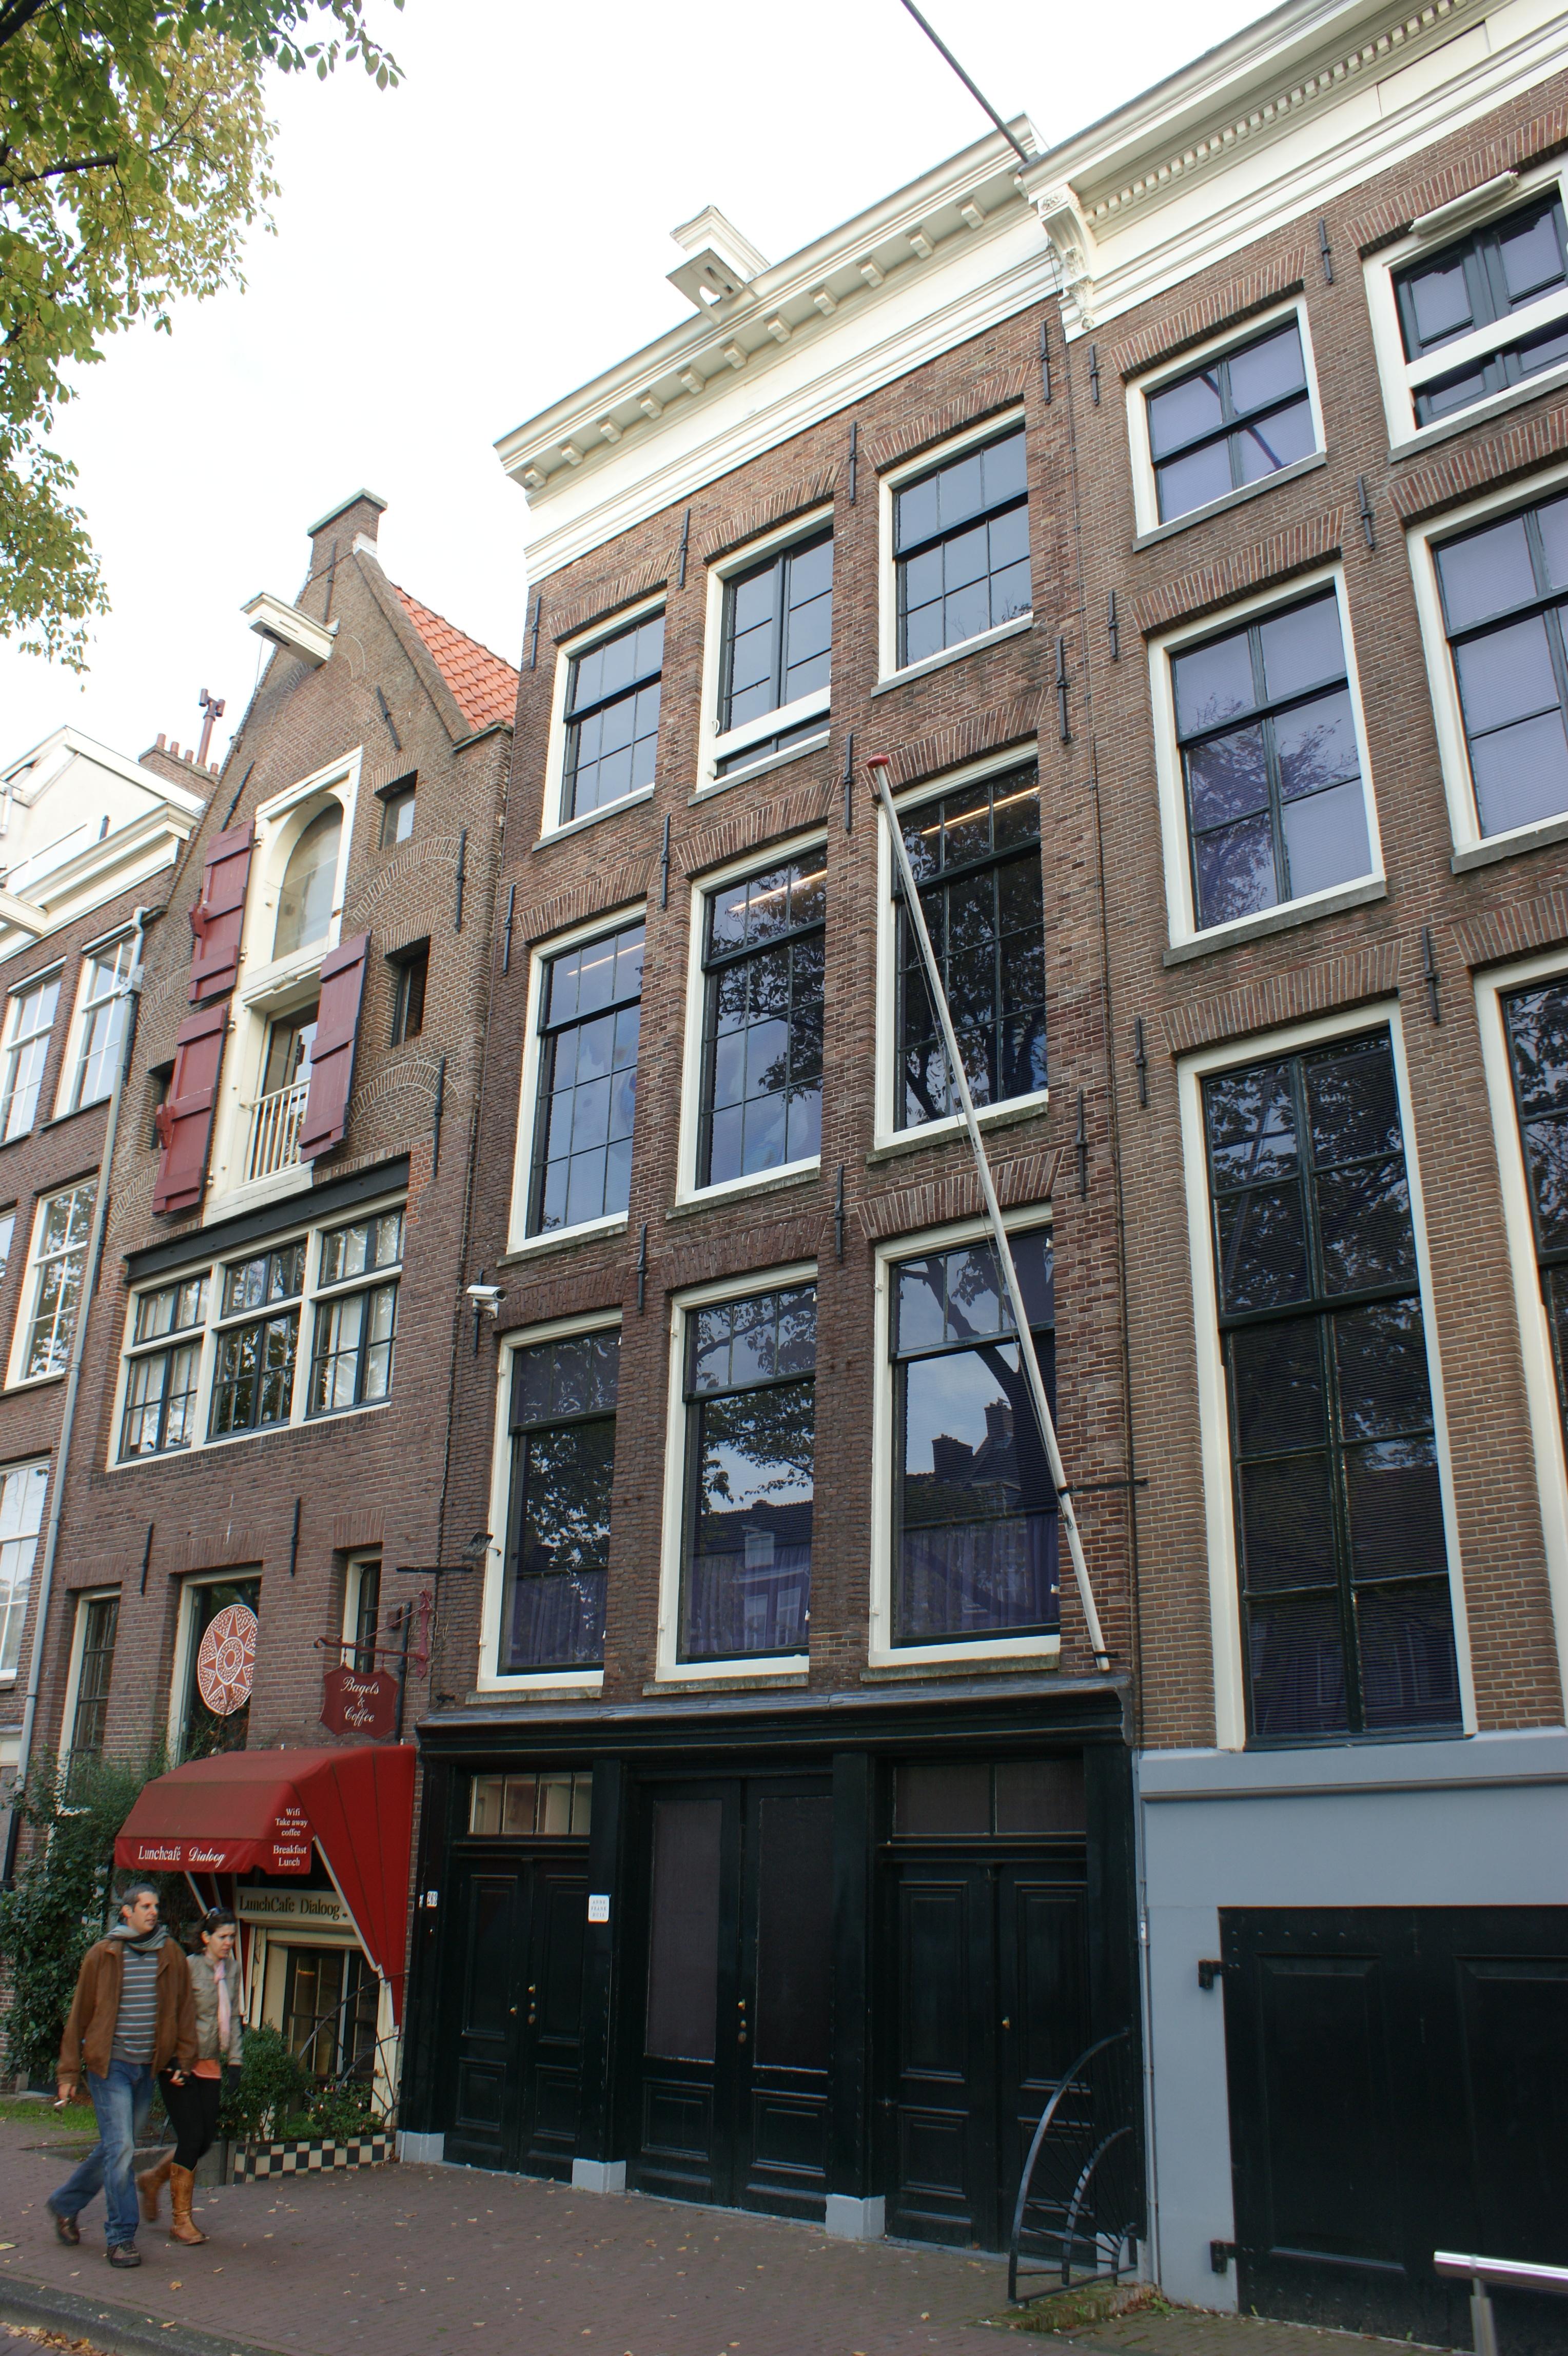 Anne frank huis in amsterdam monument - Fotos van huis ...